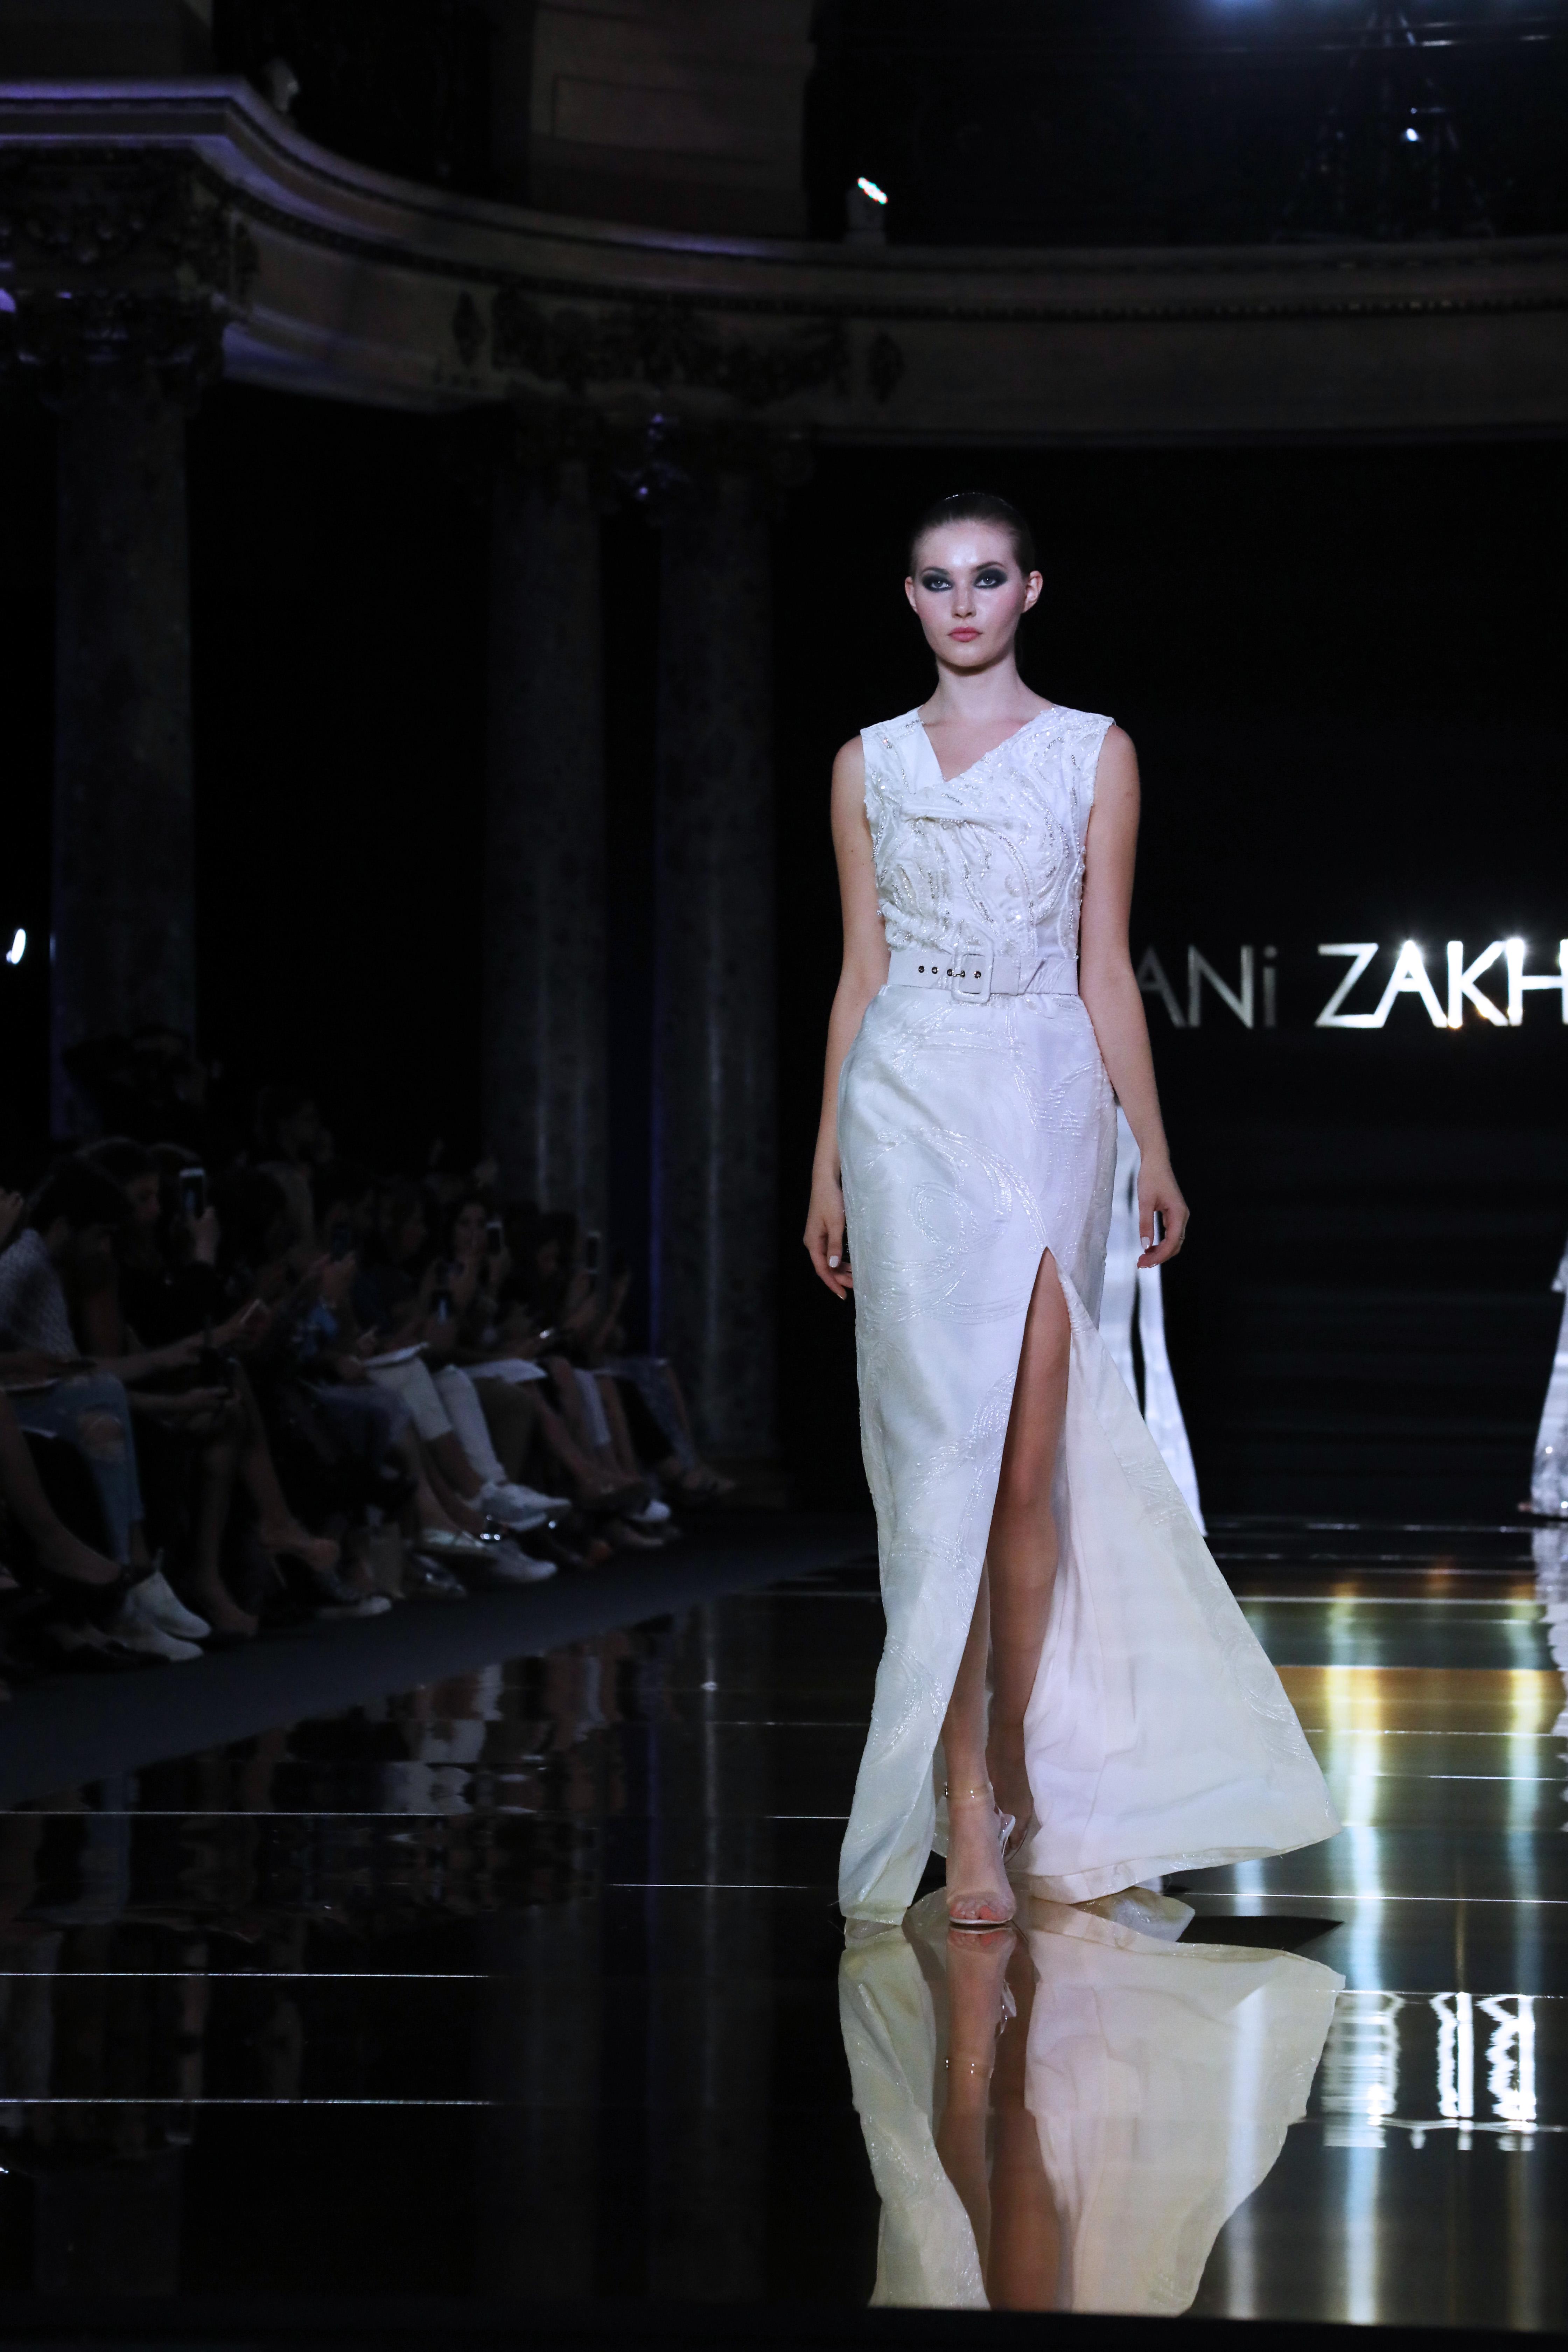 Rani Zakhem104